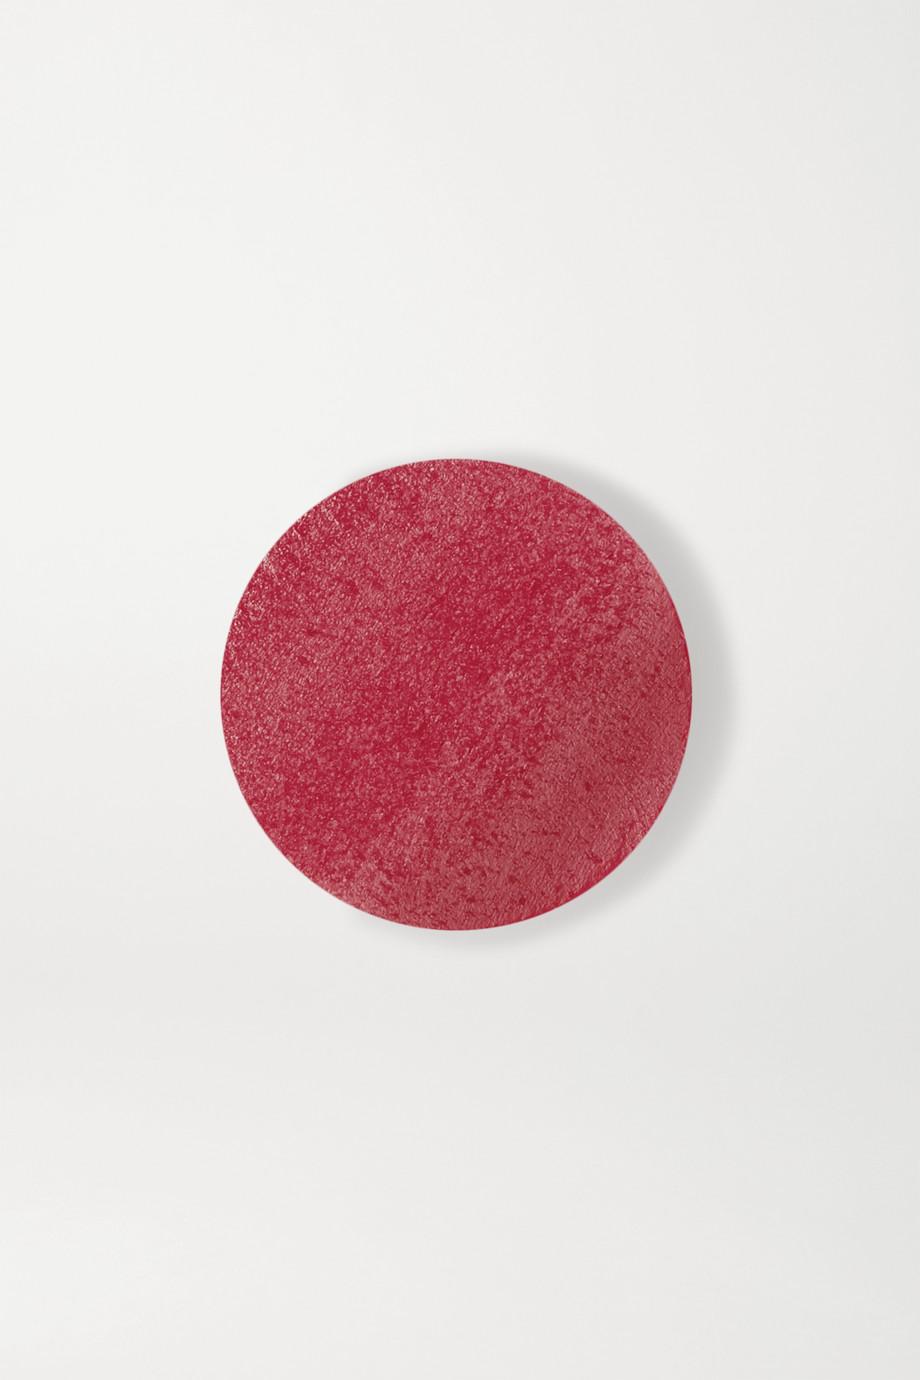 La Bouche Rouge Matte Lipstick Refill - 70's America